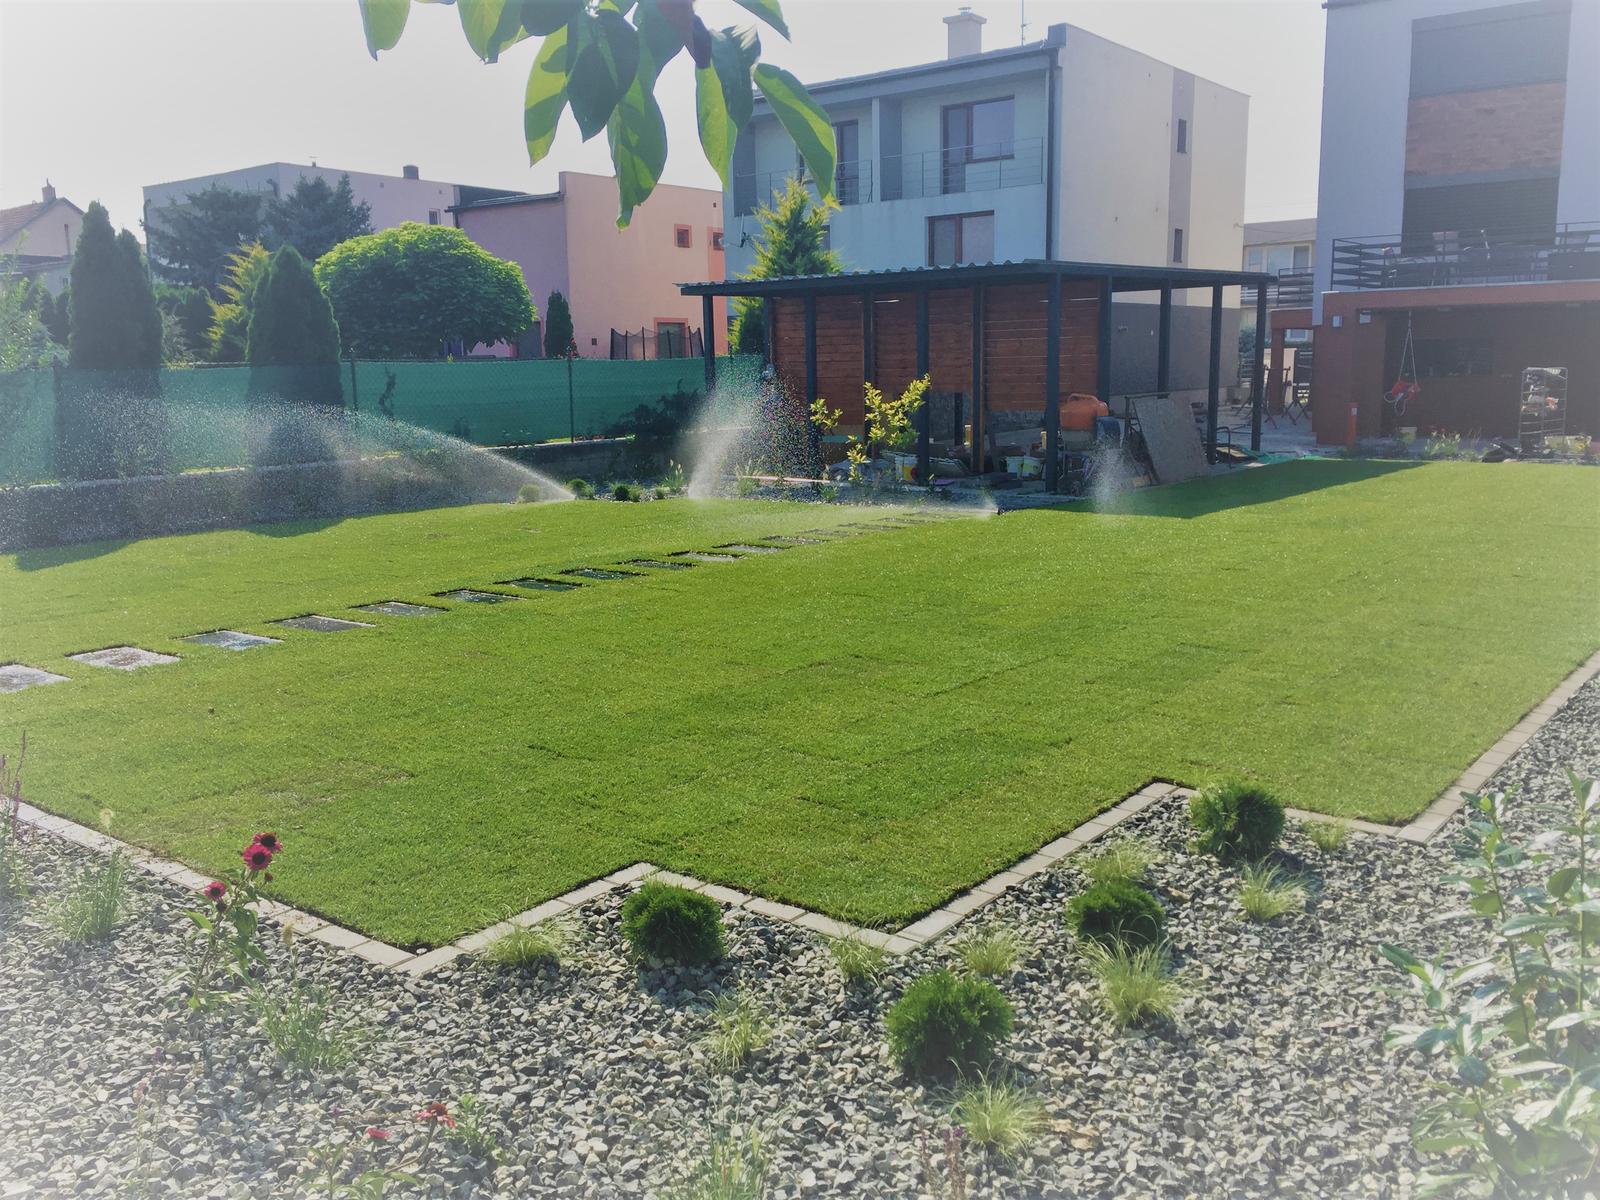 Zahrada 2018 - Obrázok č. 1